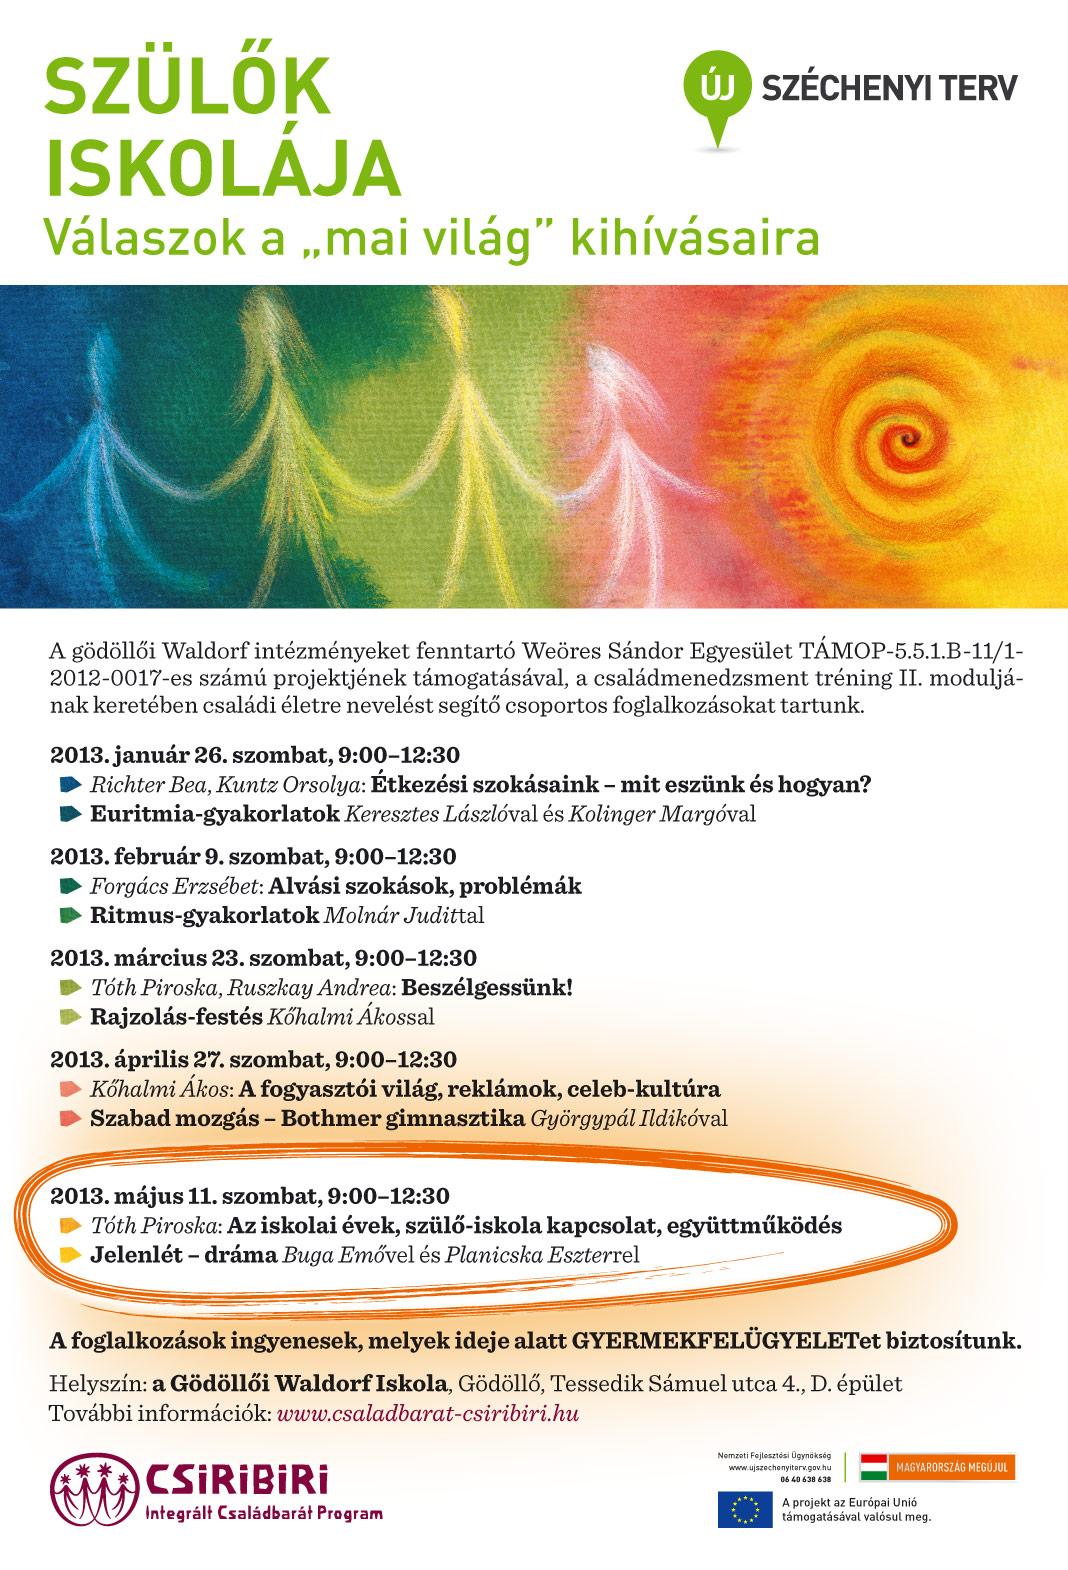 SZÜLŐK-ISKOLÁJA_PLAKÁT-web-1500-2013-05-11